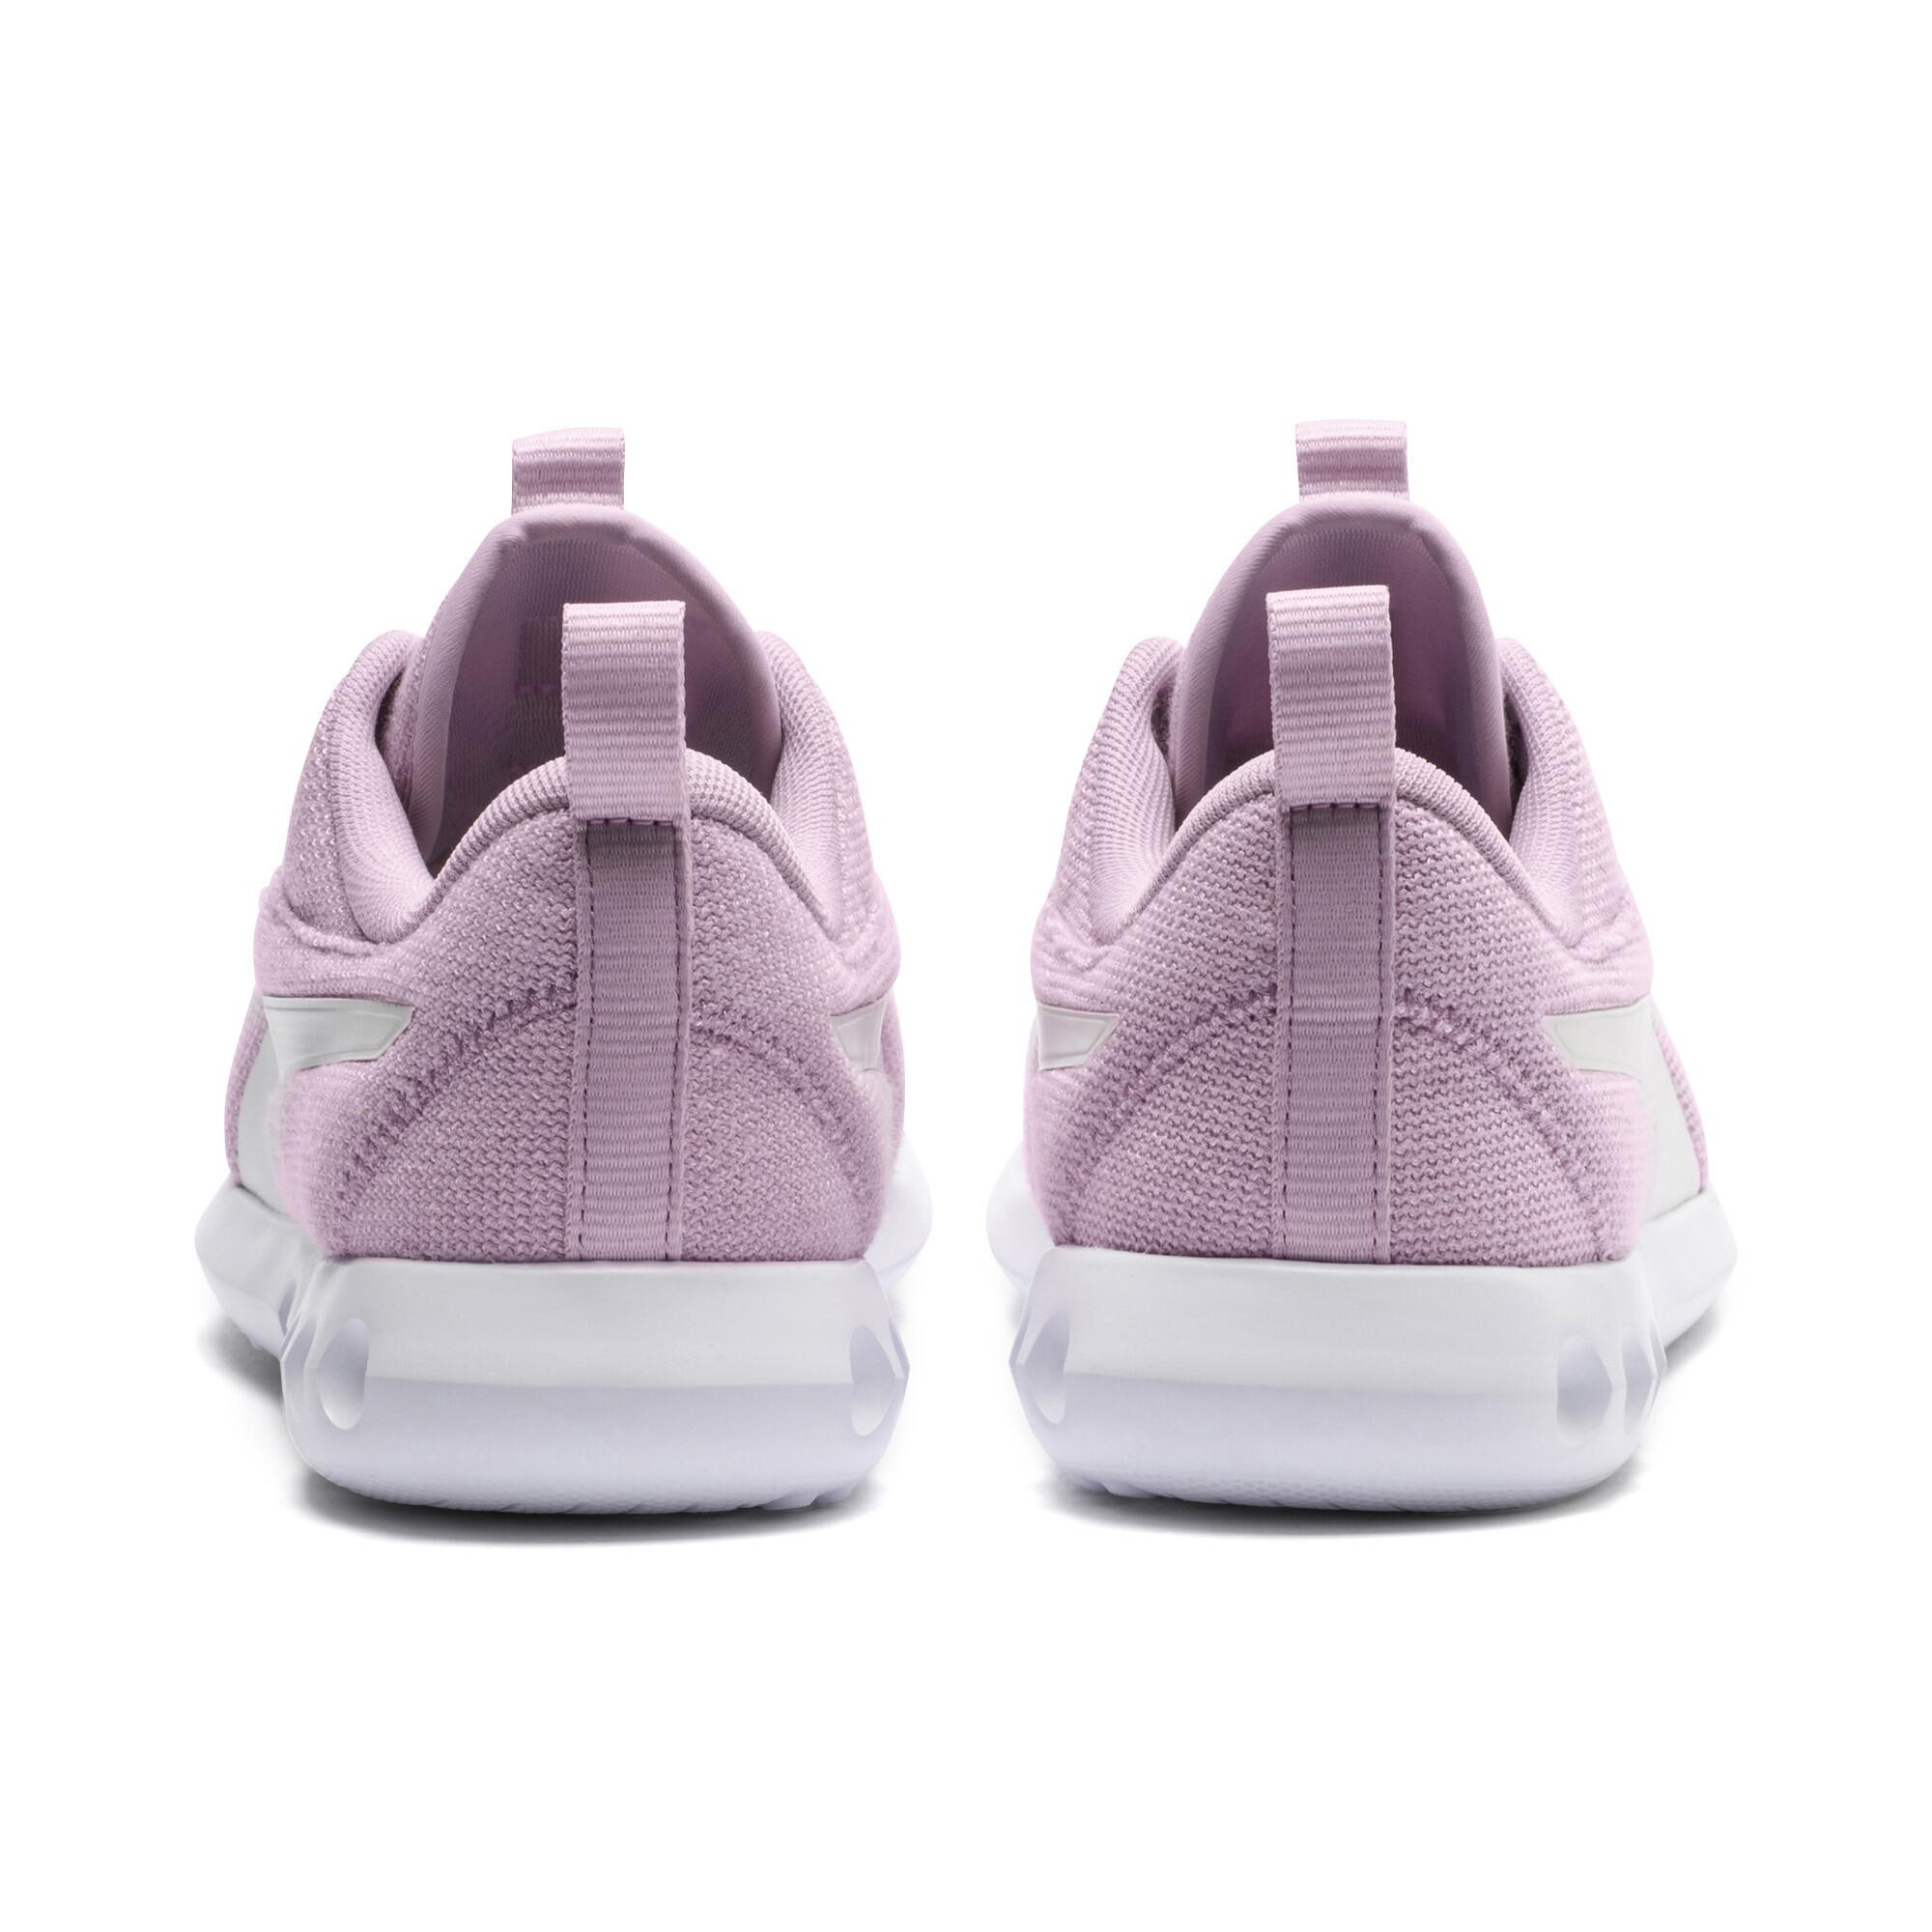 PUMA-Carson-2-Knit-Women-039-s-Running-Shoes-Women-Shoe-Running thumbnail 3